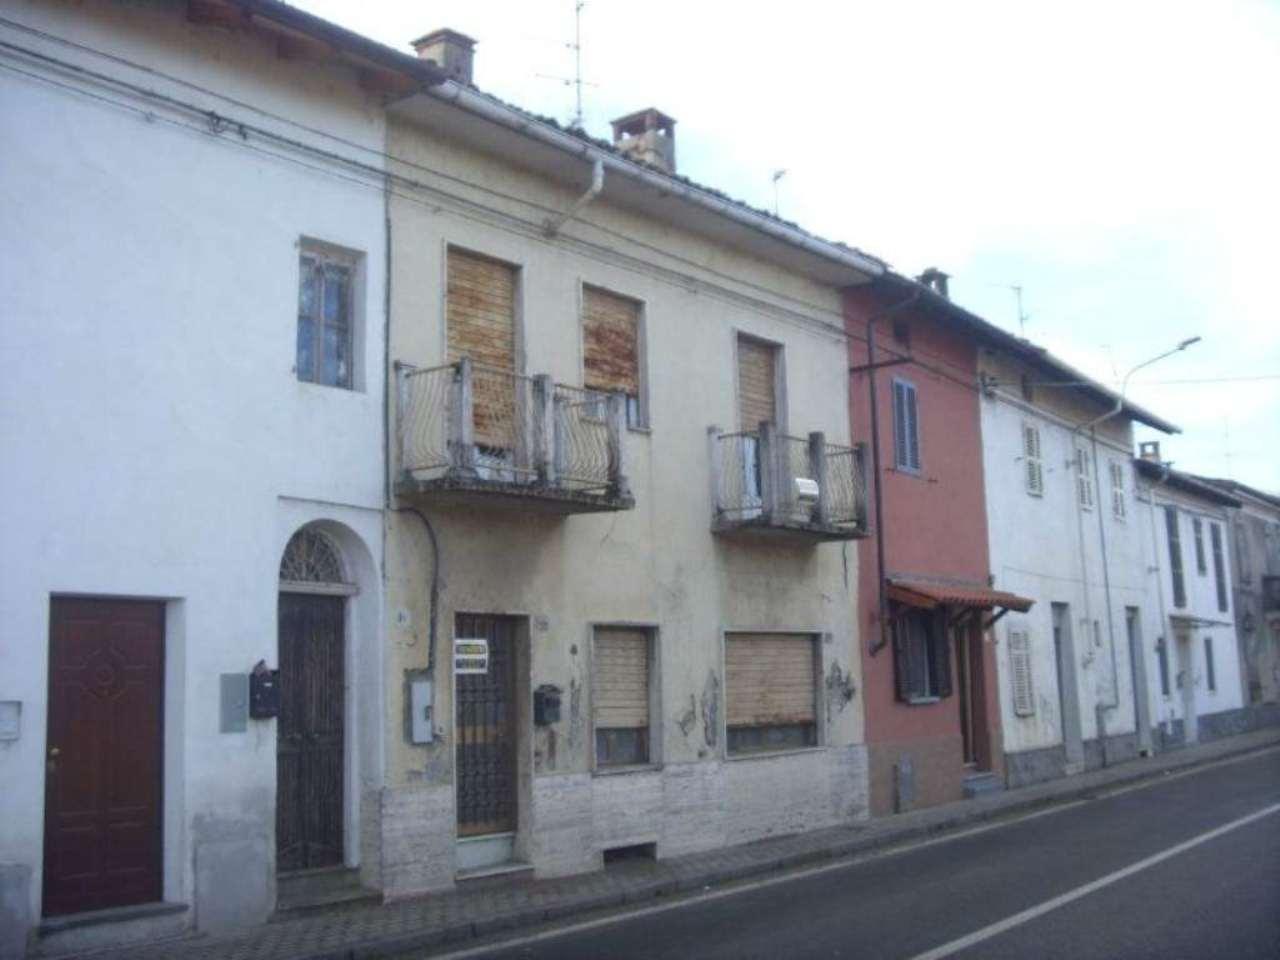 Palazzo / Stabile in vendita a Ronsecco, 4 locali, prezzo € 60.000 | CambioCasa.it